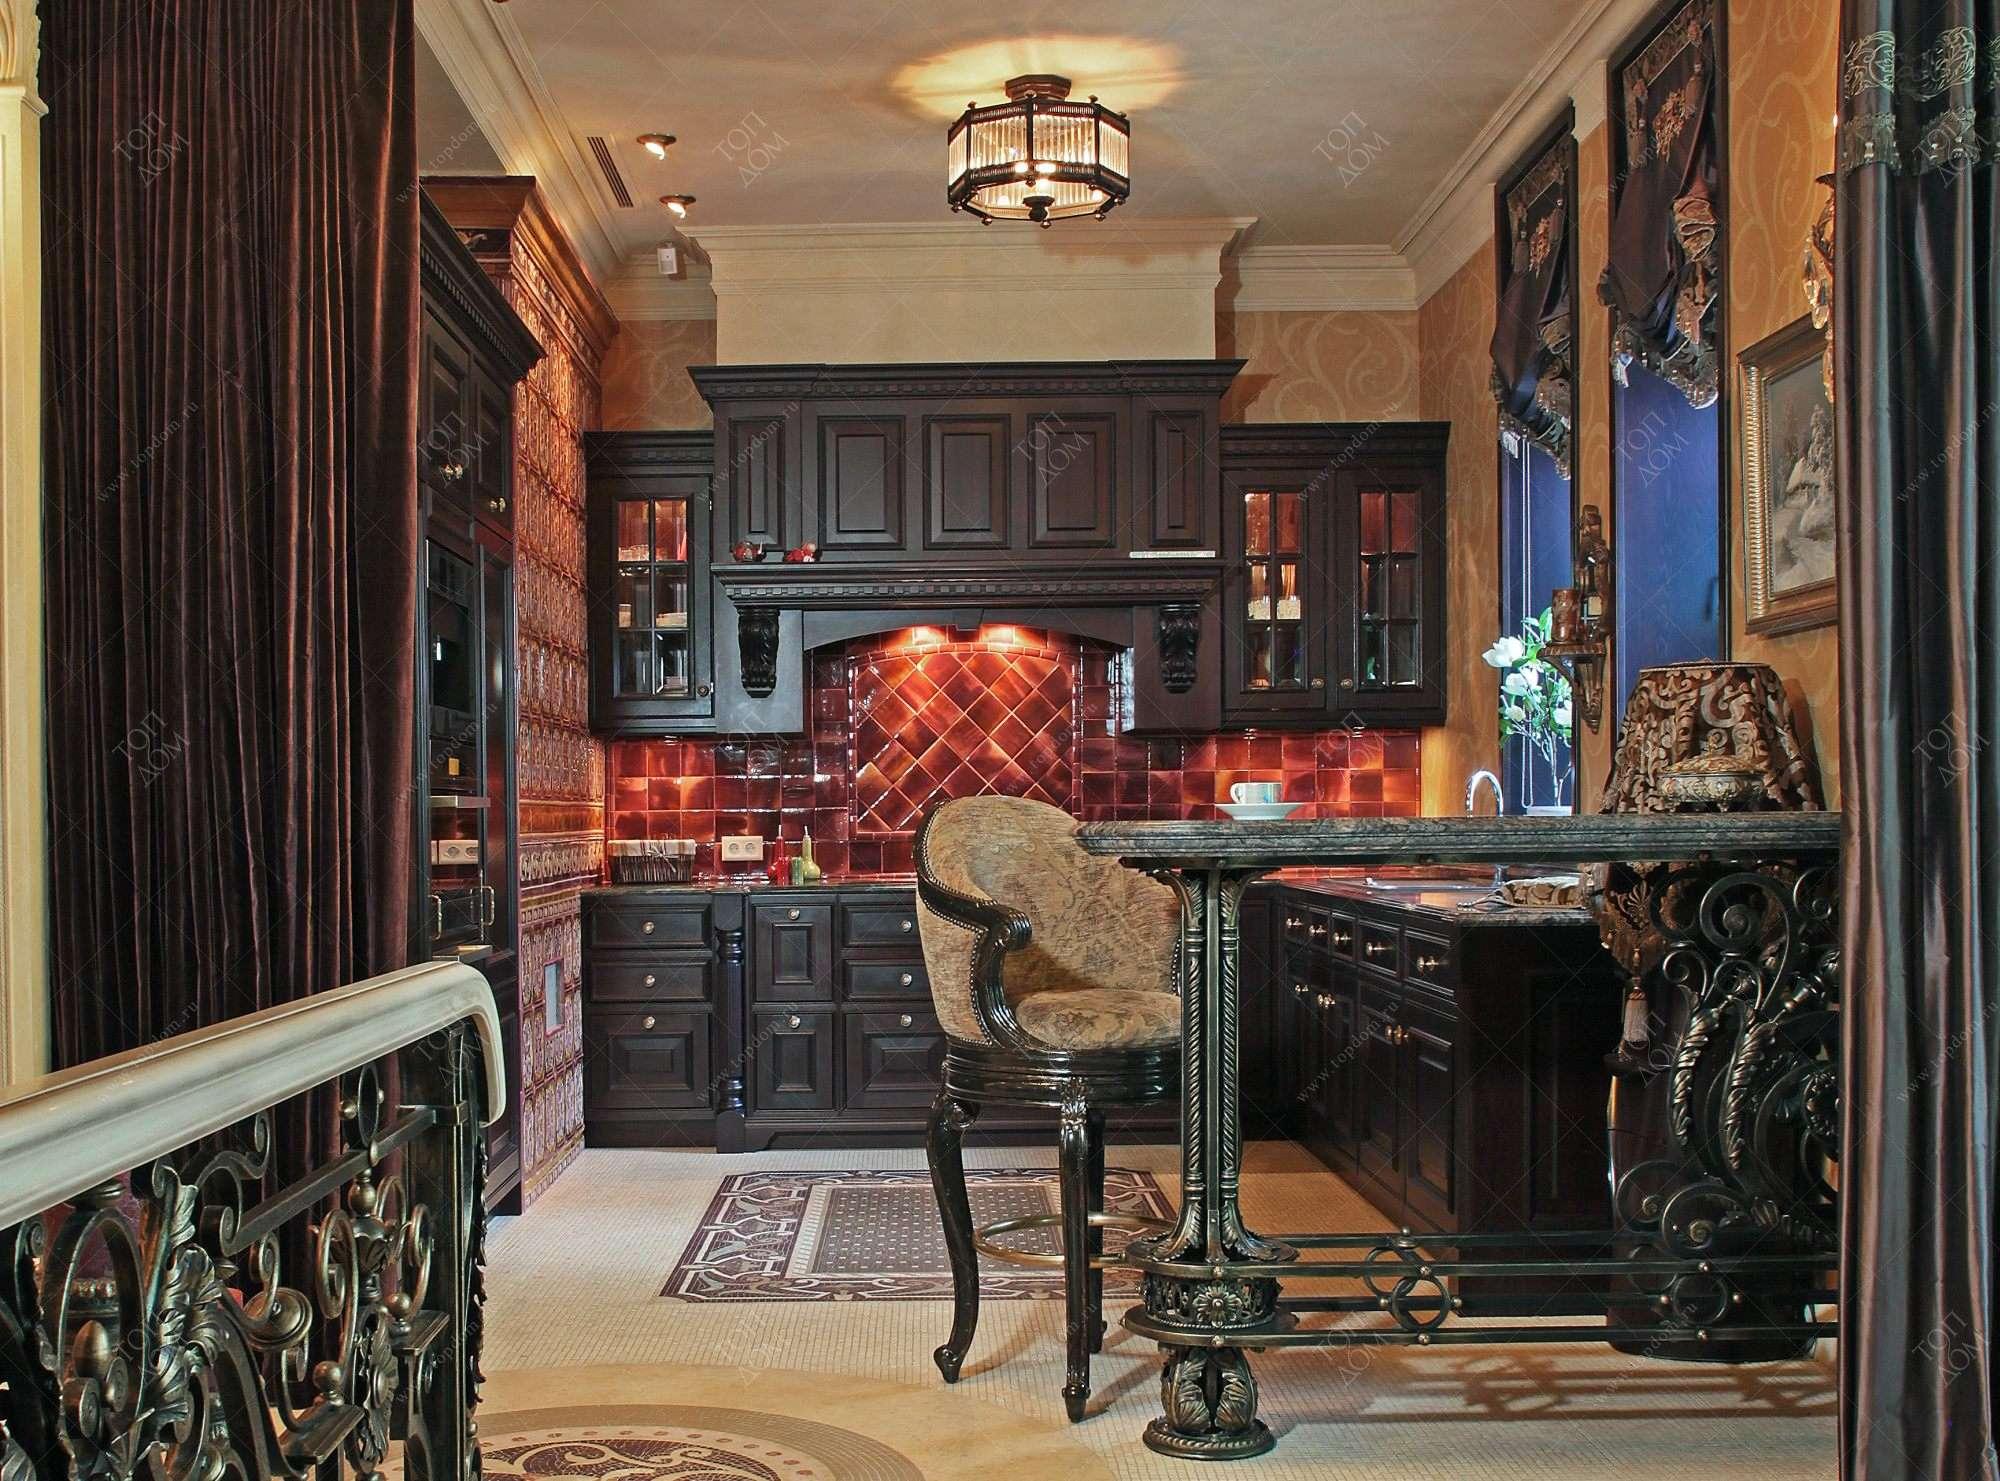 дизайн кухни гостиной фото - фотография.